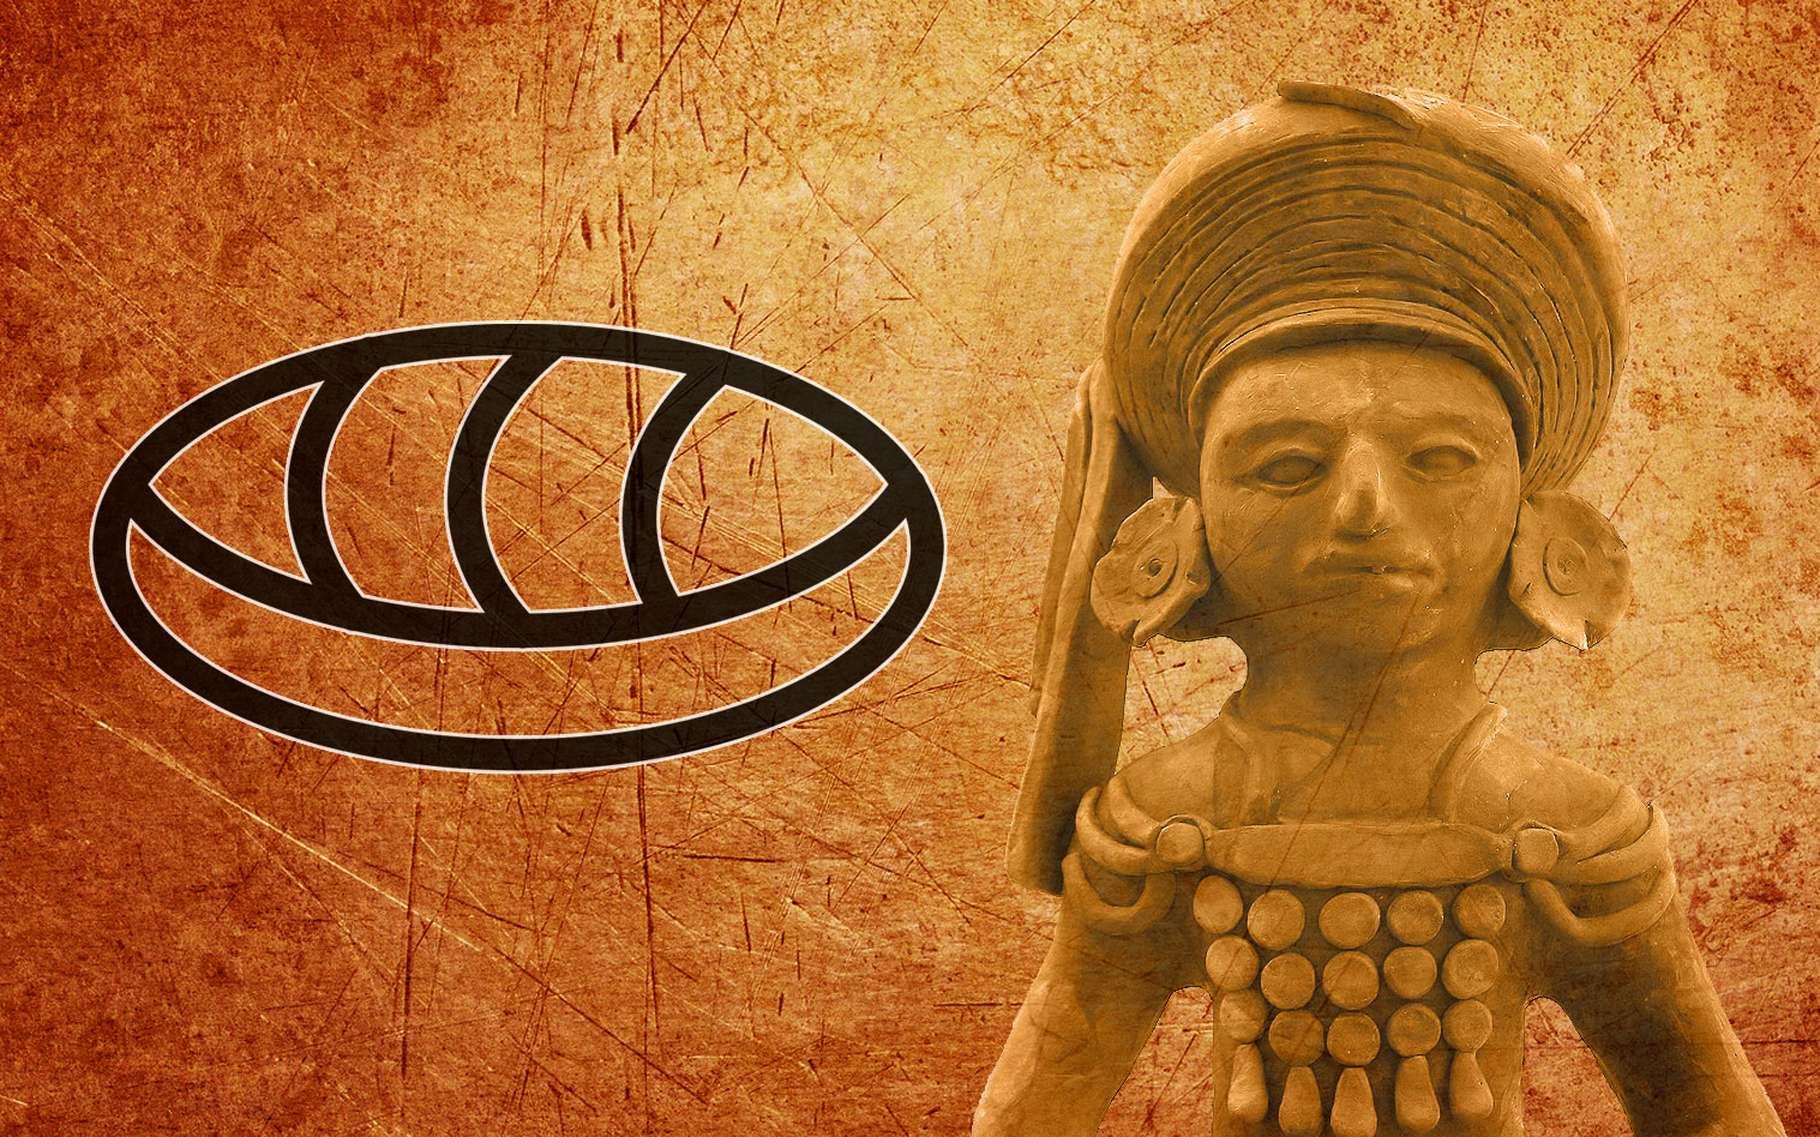 Le chiffre zéro des Mayas. © TheDigitalArtis, Pixabay, DP